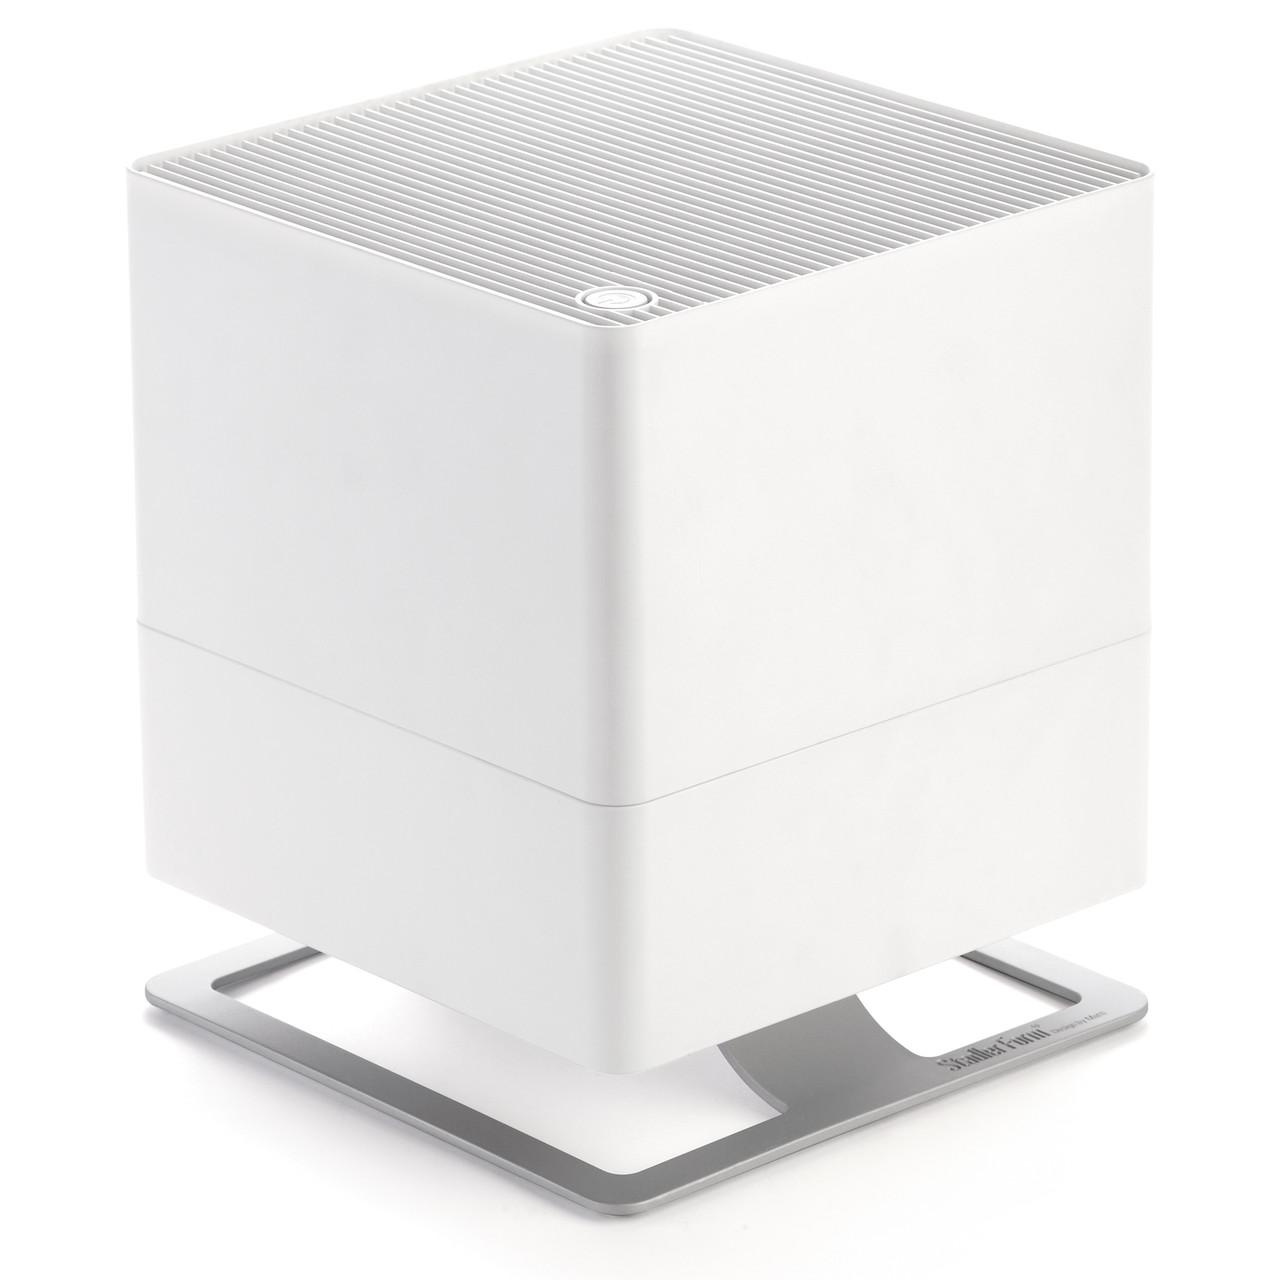 Увлажнитель воздуха традиционный Stadler Form Oskar White (O020), фото 1